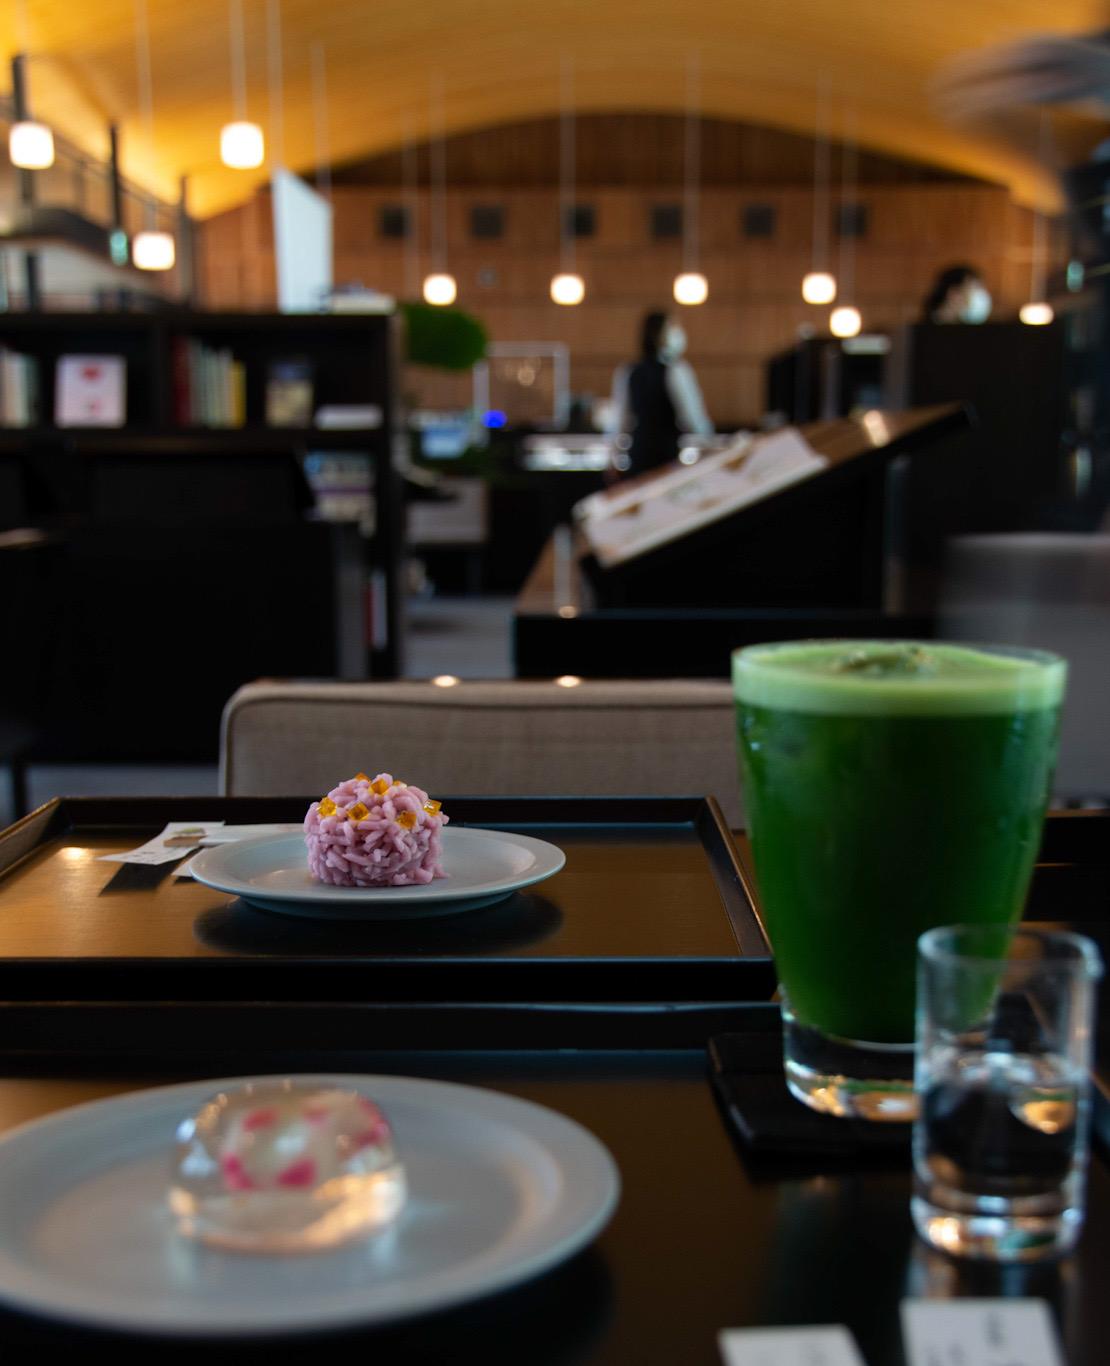 wagashi in Japan